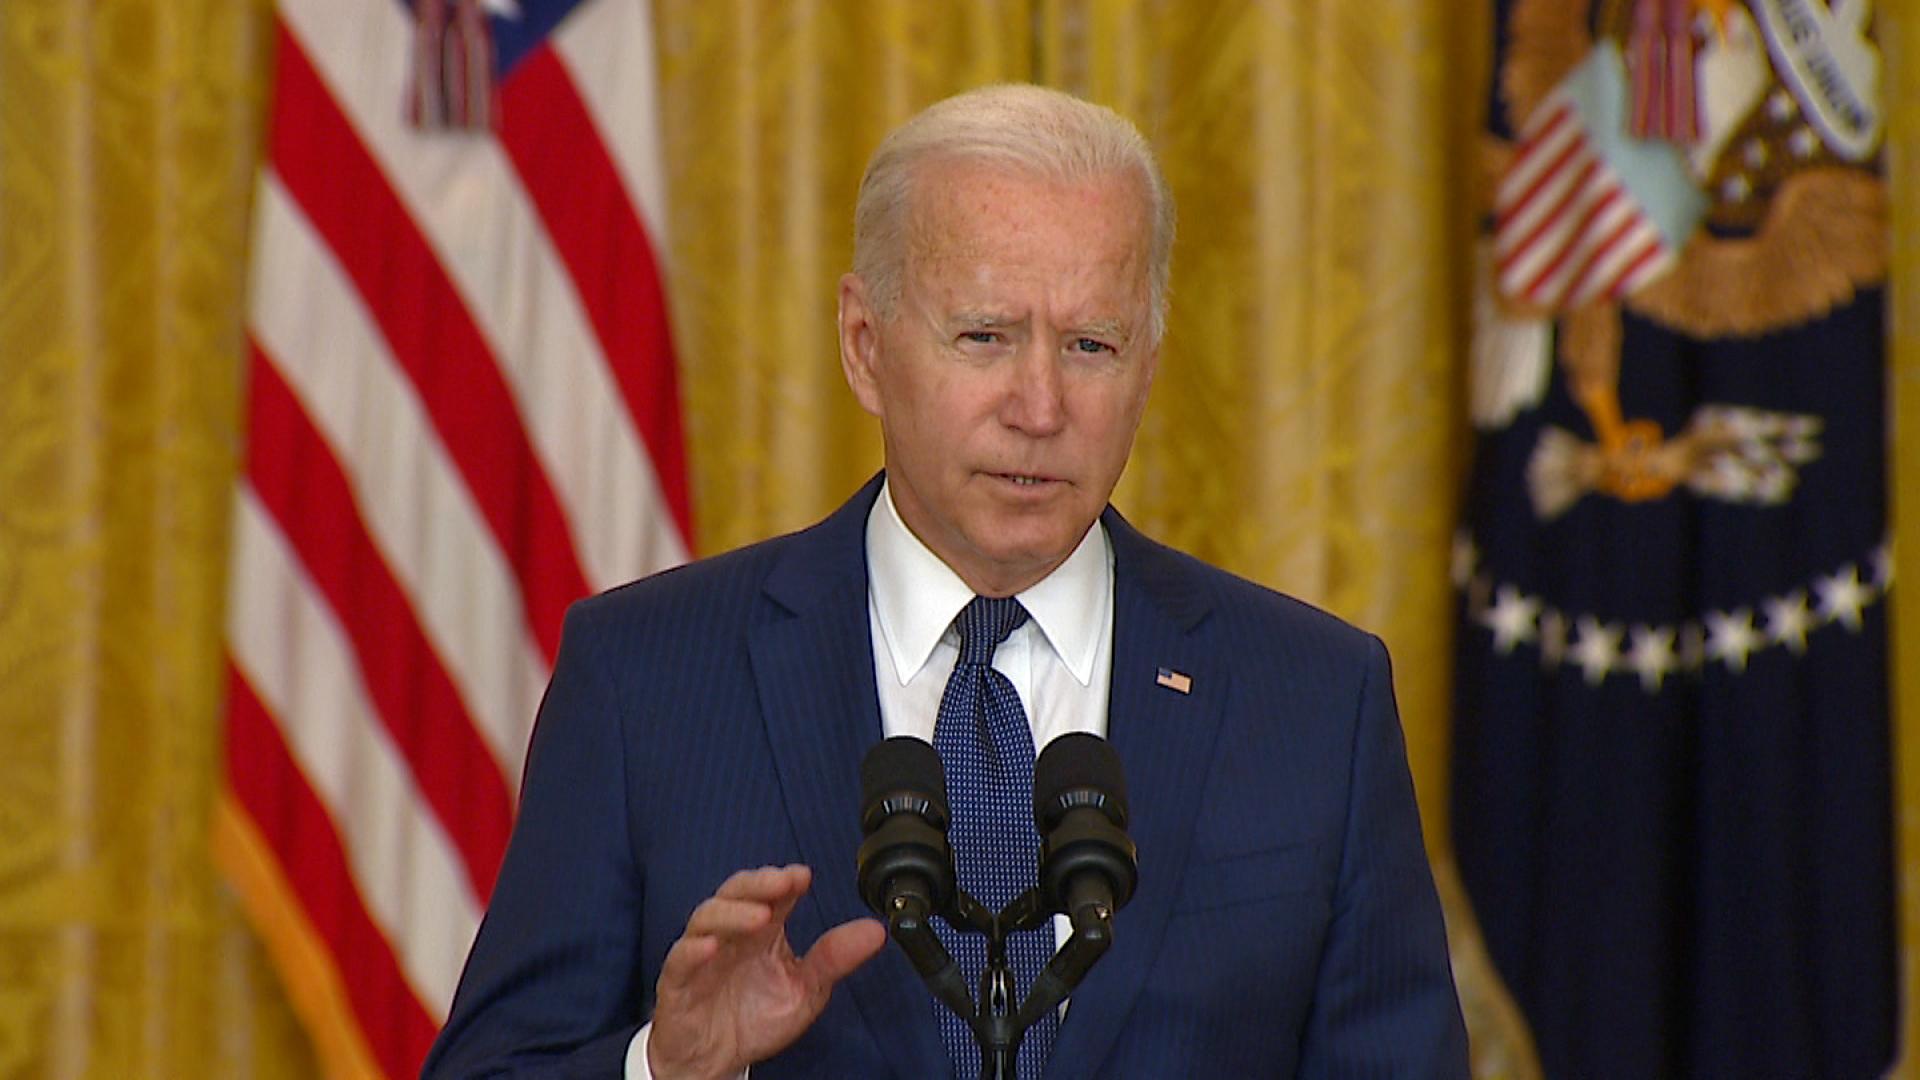 President Joe Biden speaks at the White House in Washington, DC, on August 26.